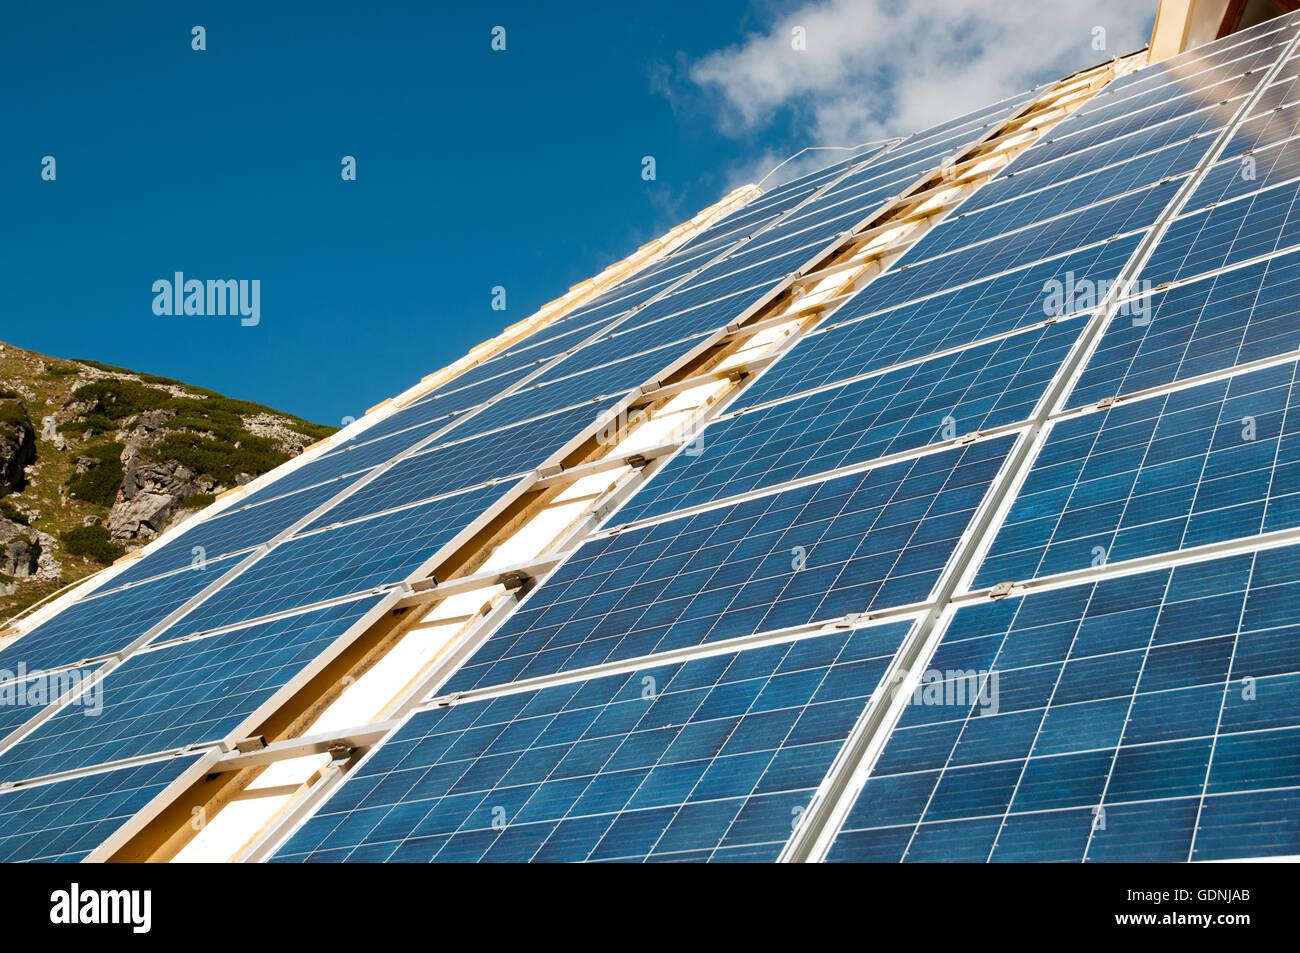 Des panneaux solaires sur la toiture du bâtiment Photo Stock